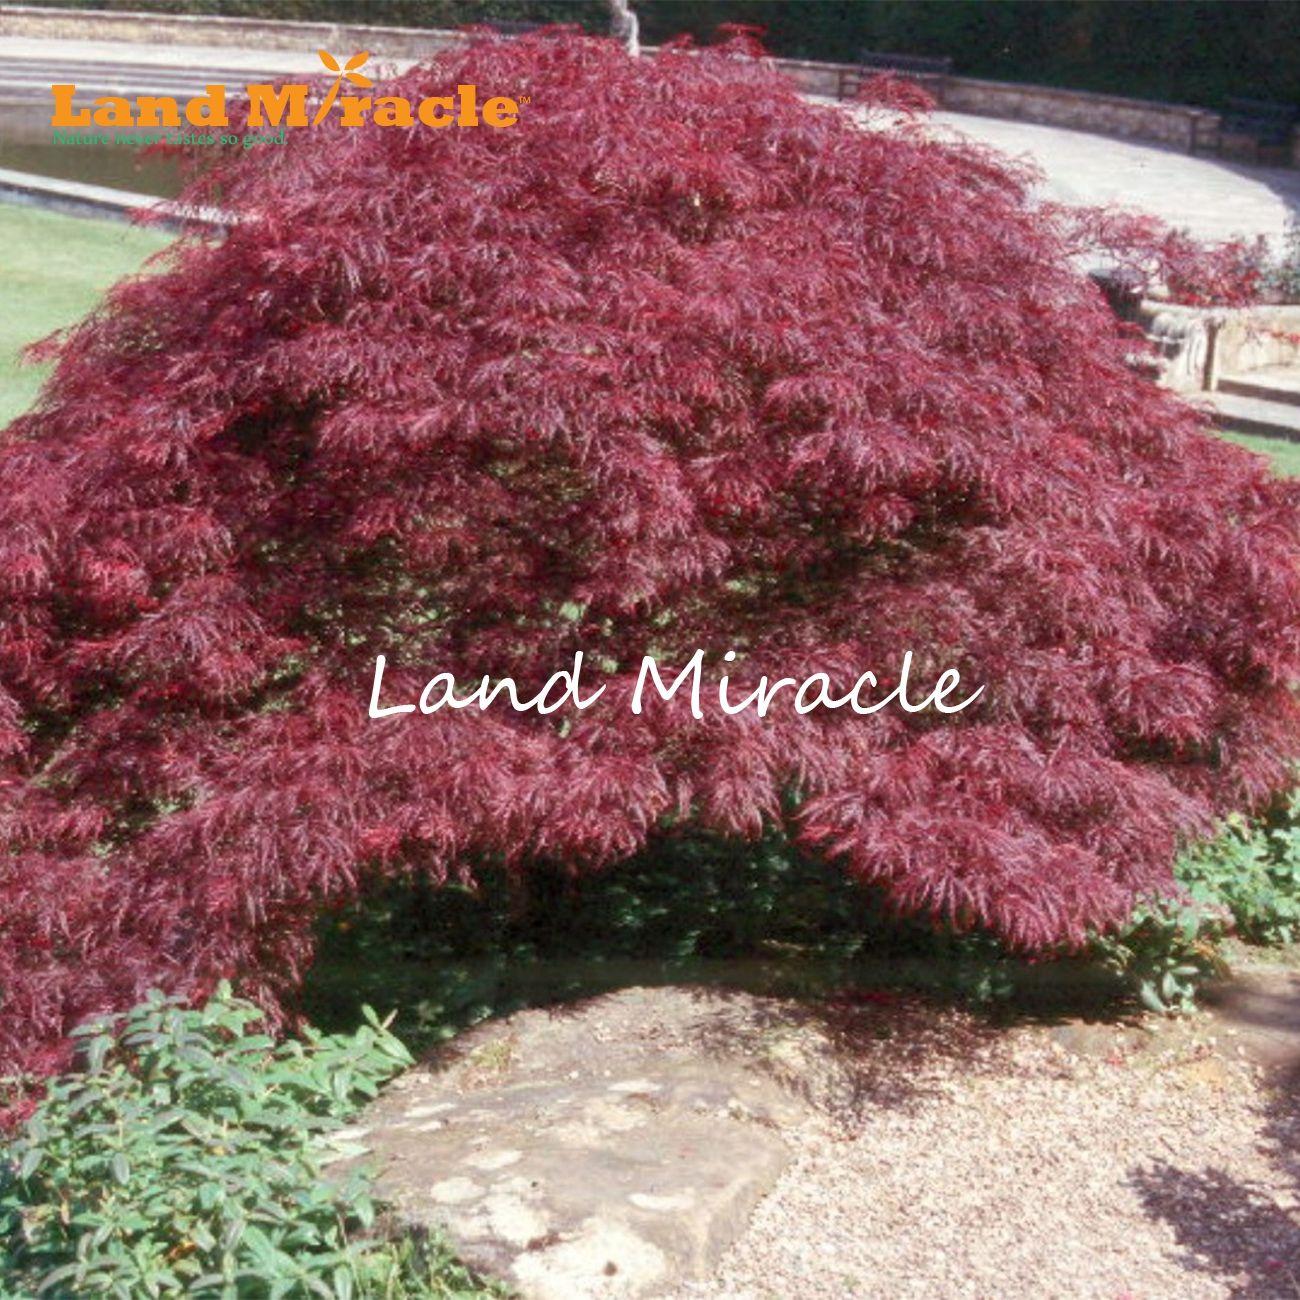 Acero Blu Giapponese acquista 10 pz / borsa semi di acero giapponese fuoco acero bonsai semi di  fiori semi di albero pianta in vaso 98% germinazione giardino di casa a